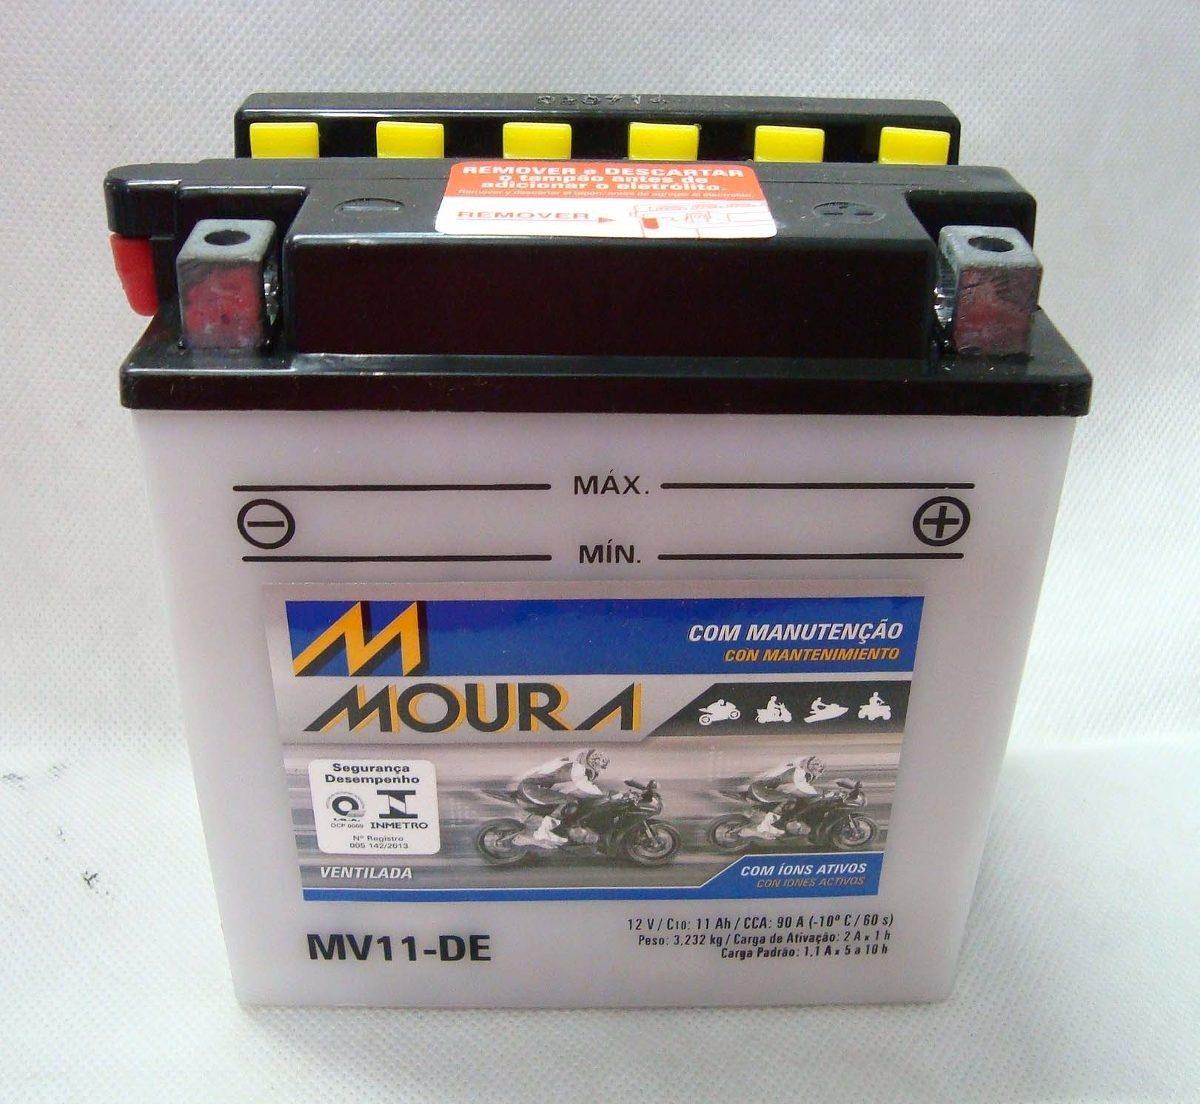 Bateria Moto Moura Mv11 Direito